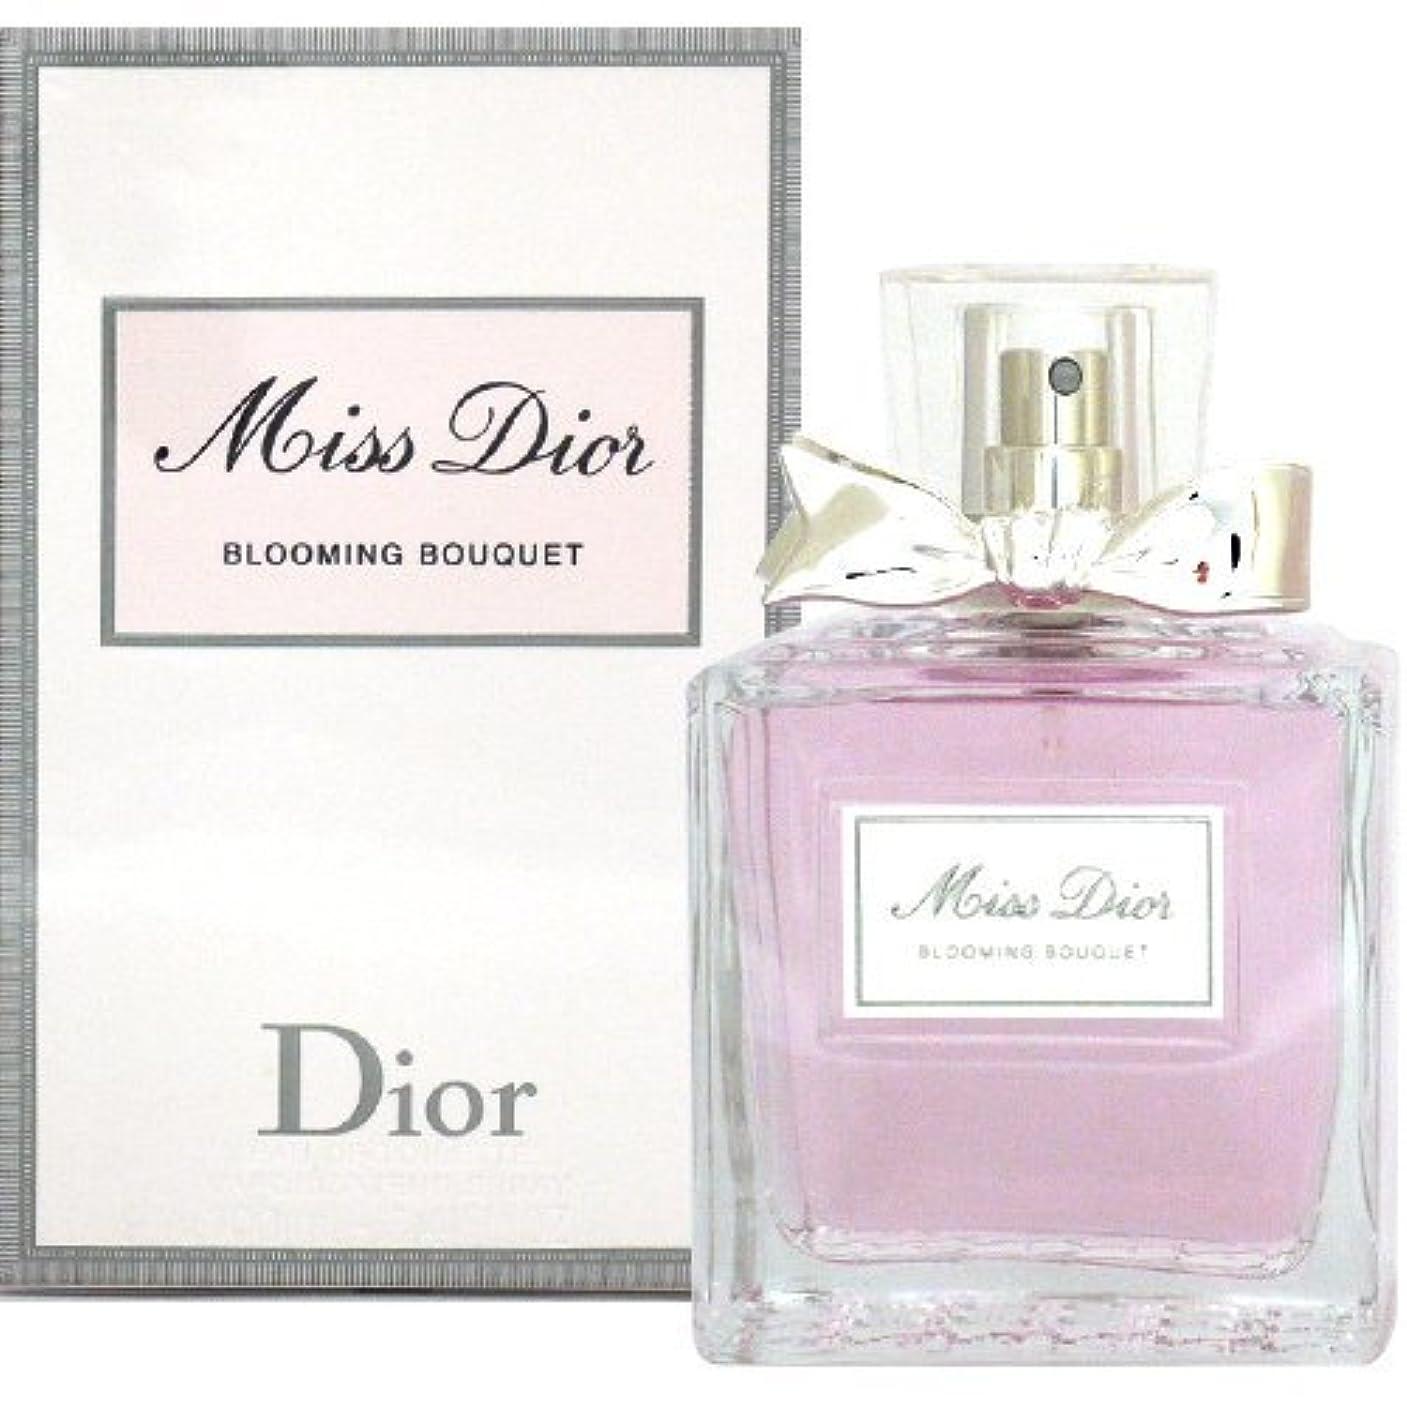 ナプキン意味のあるウルルクリスチャンディオール Christian Dior ミスディオール ブルーミングブーケ EDT100ml cdmdbbedt100 オードトワレ 香水 [並行輸入品]